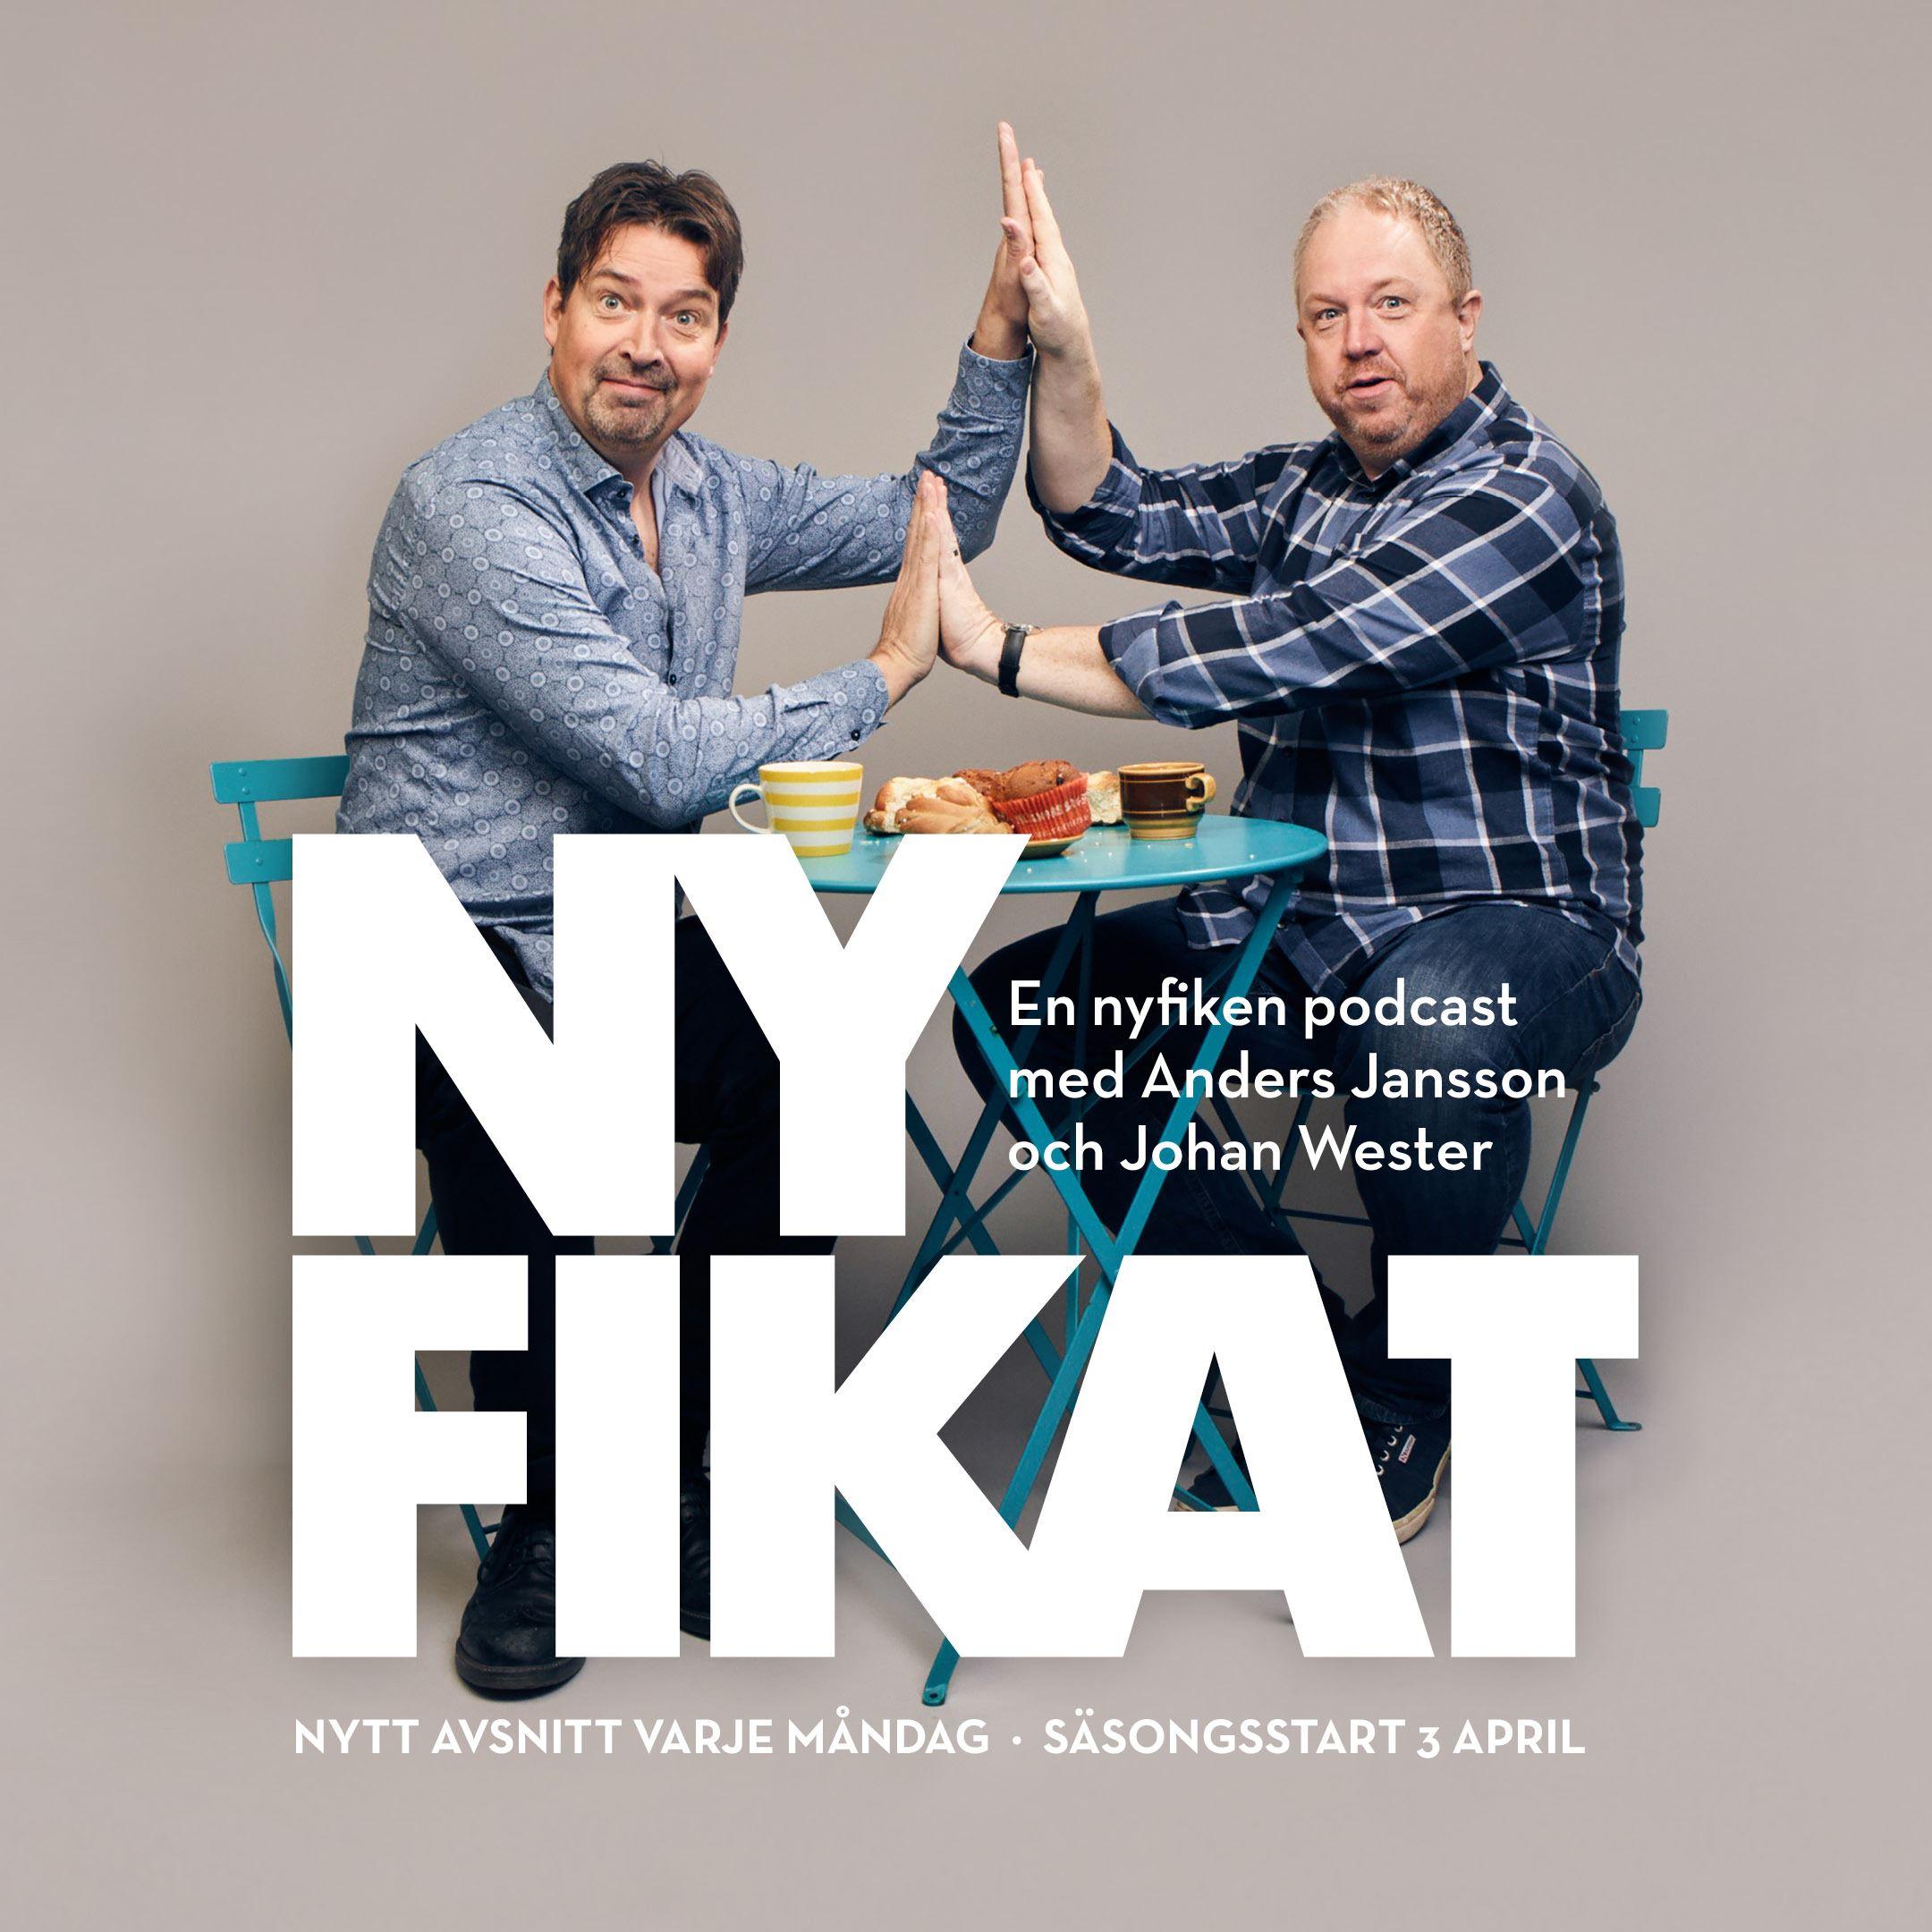 Nyfikat live, en podcast med Anders Jansson och Johan Wester